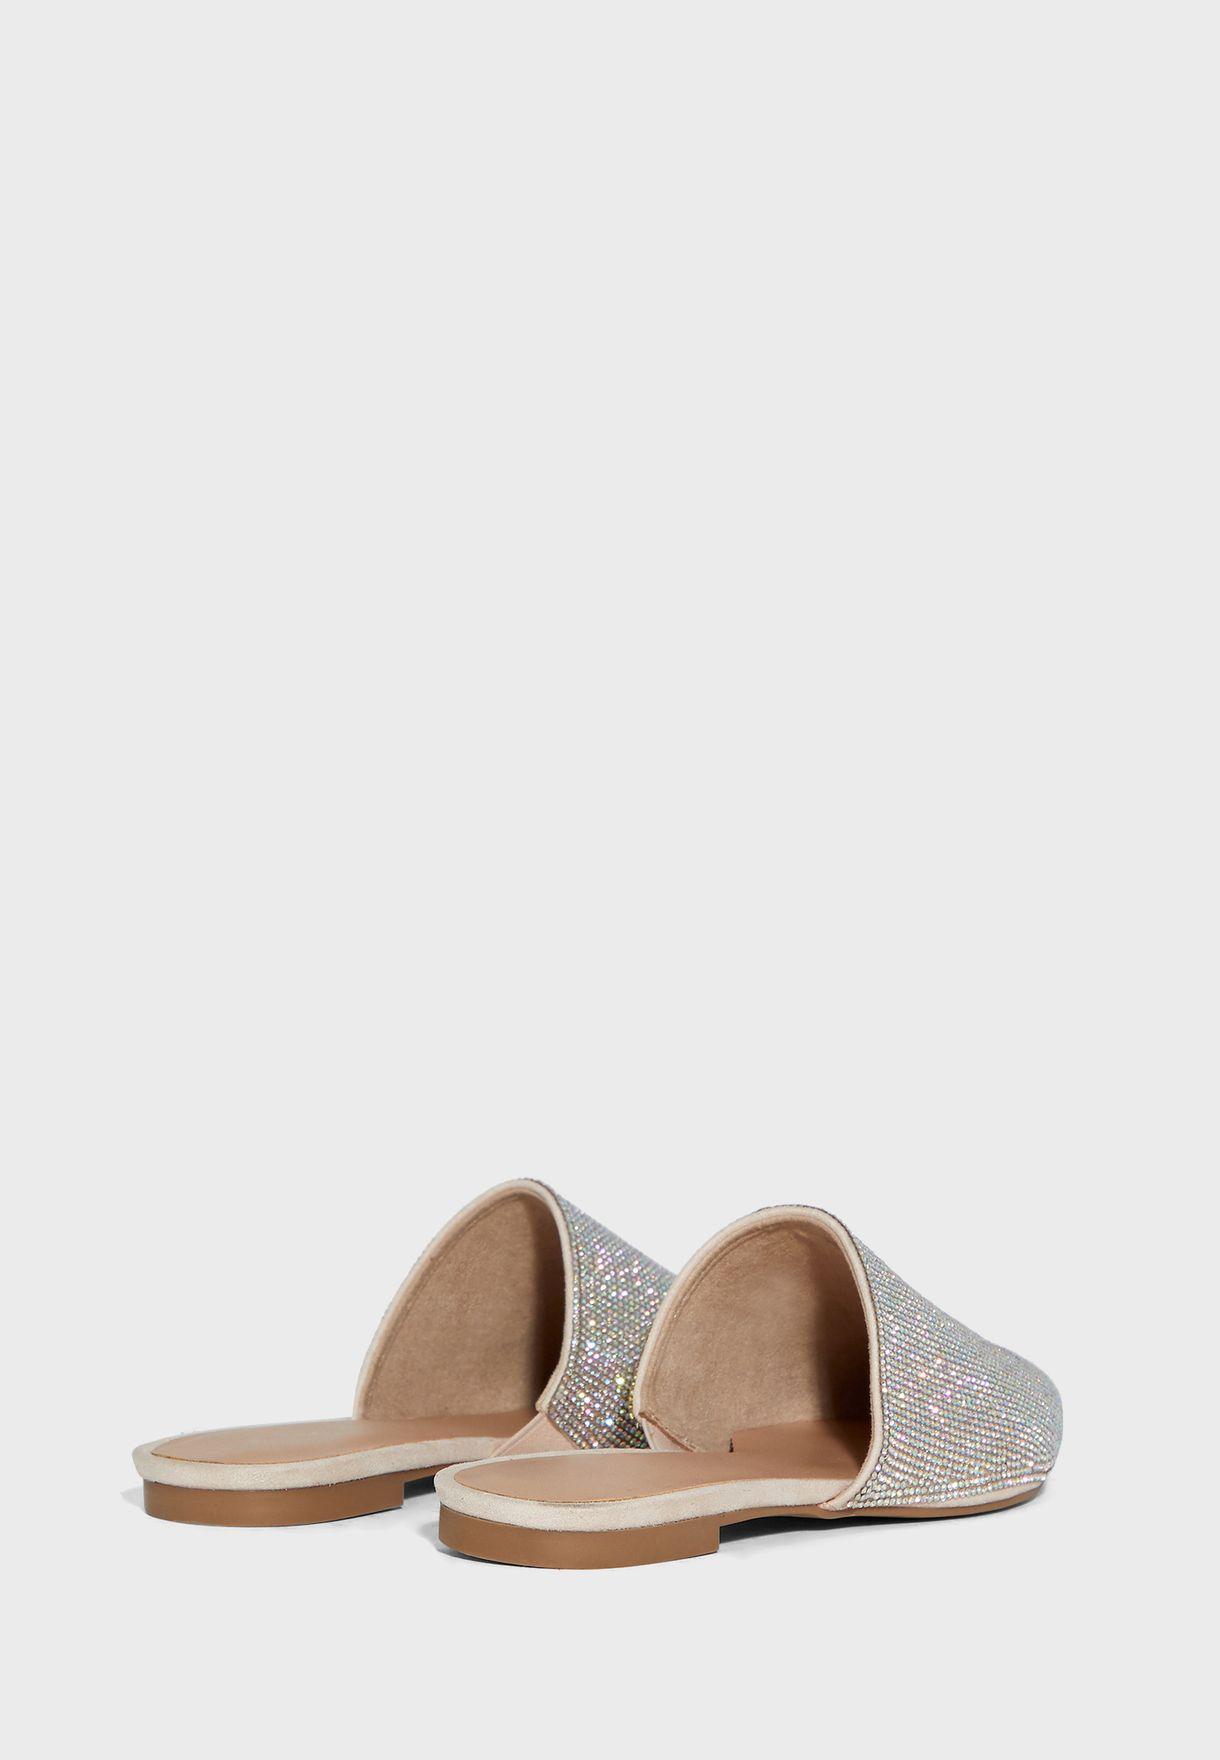 حذاء سهل الارتداء مطبع